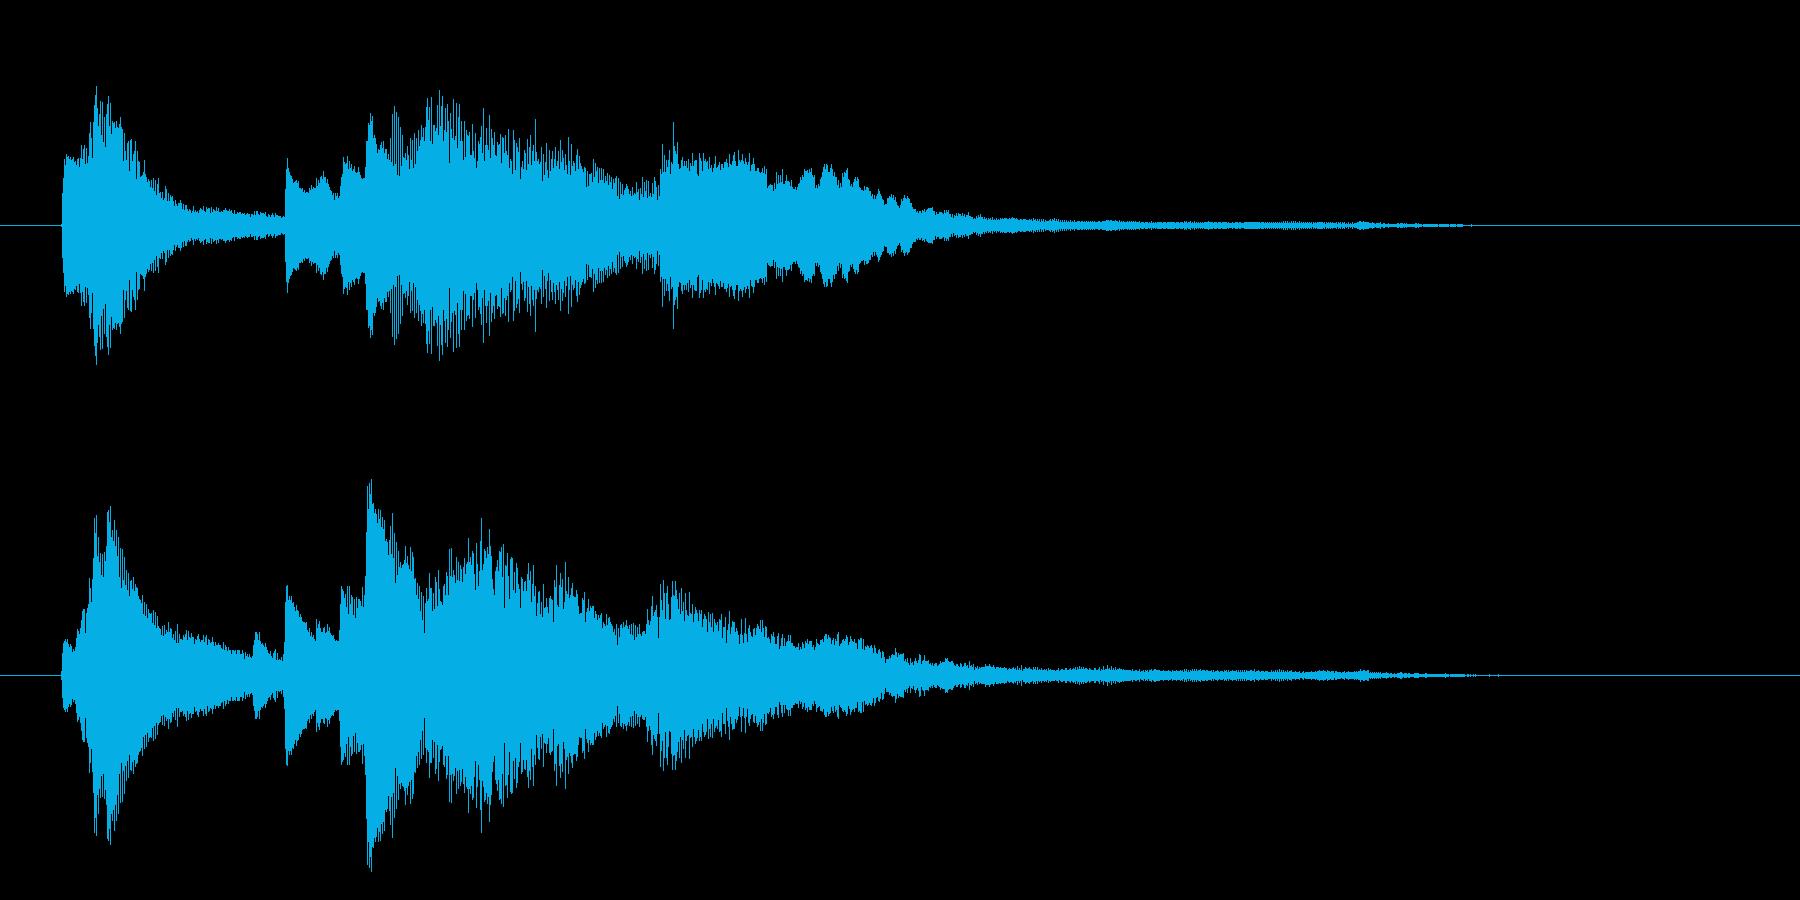 優雅なピアノ・クラシック調のサウンドロゴの再生済みの波形